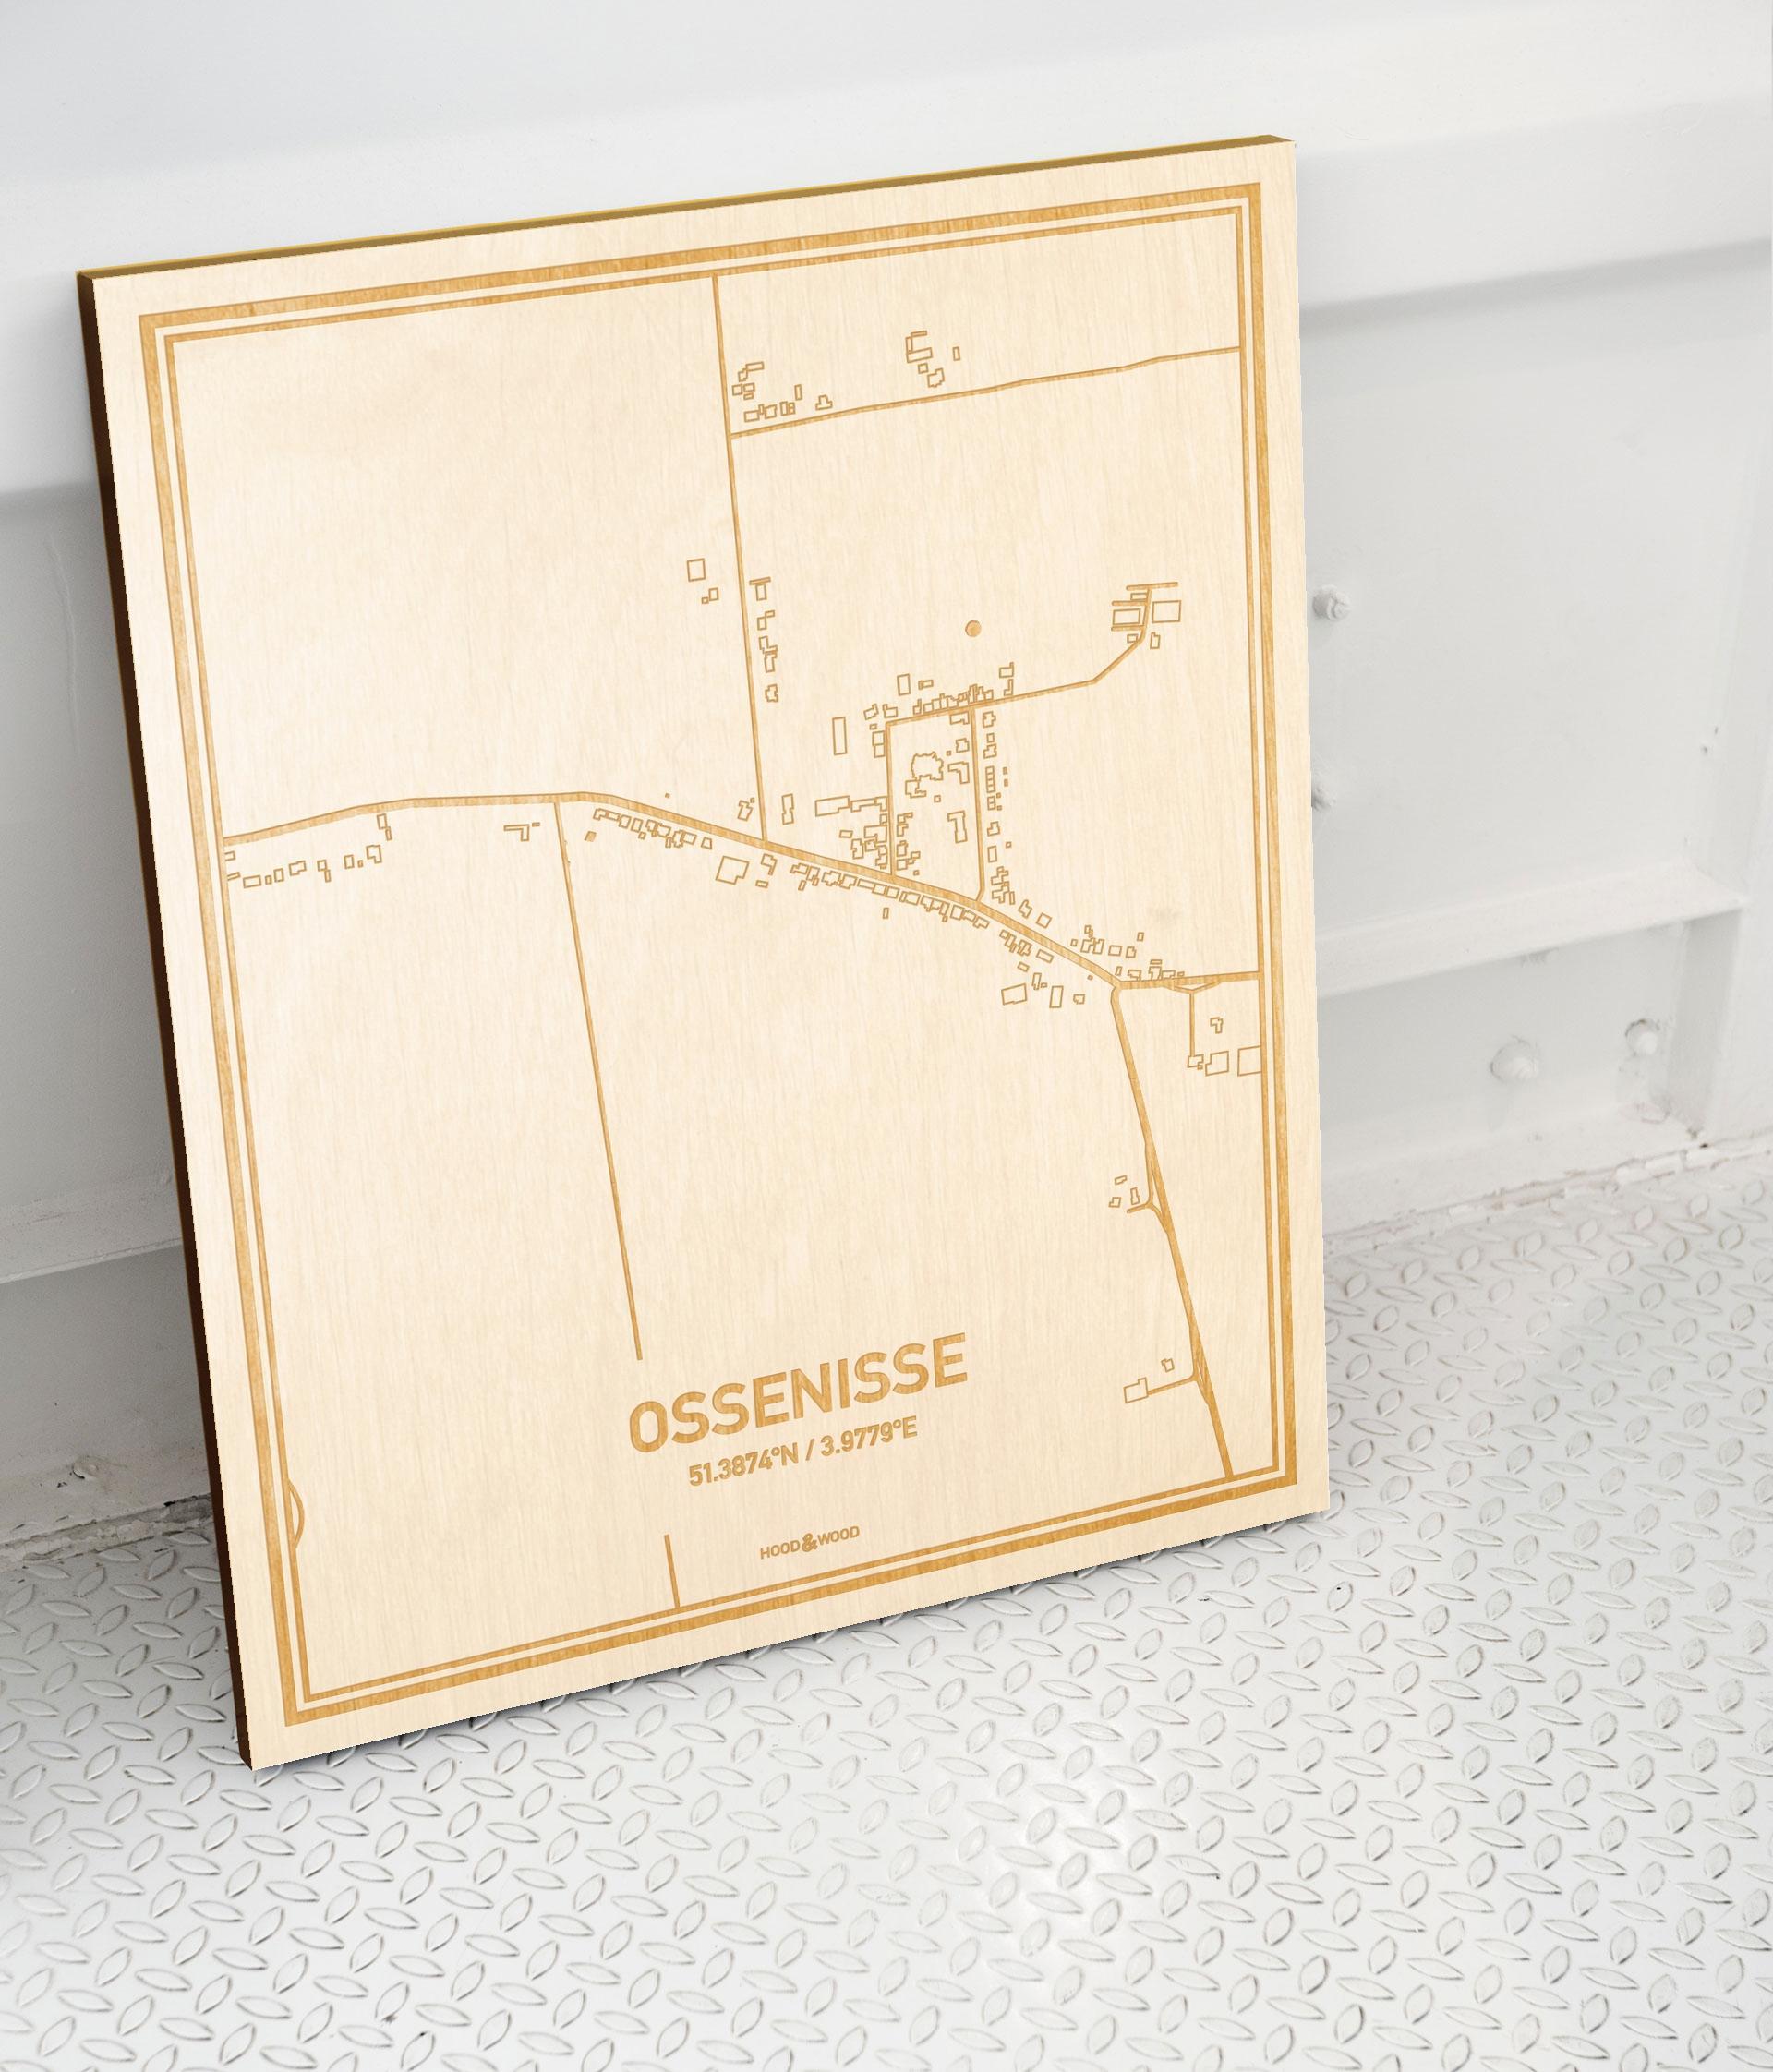 Plattegrond Ossenisse als prachtige houten wanddecoratie. Het warme hout contrasteert mooi met de witte muur.